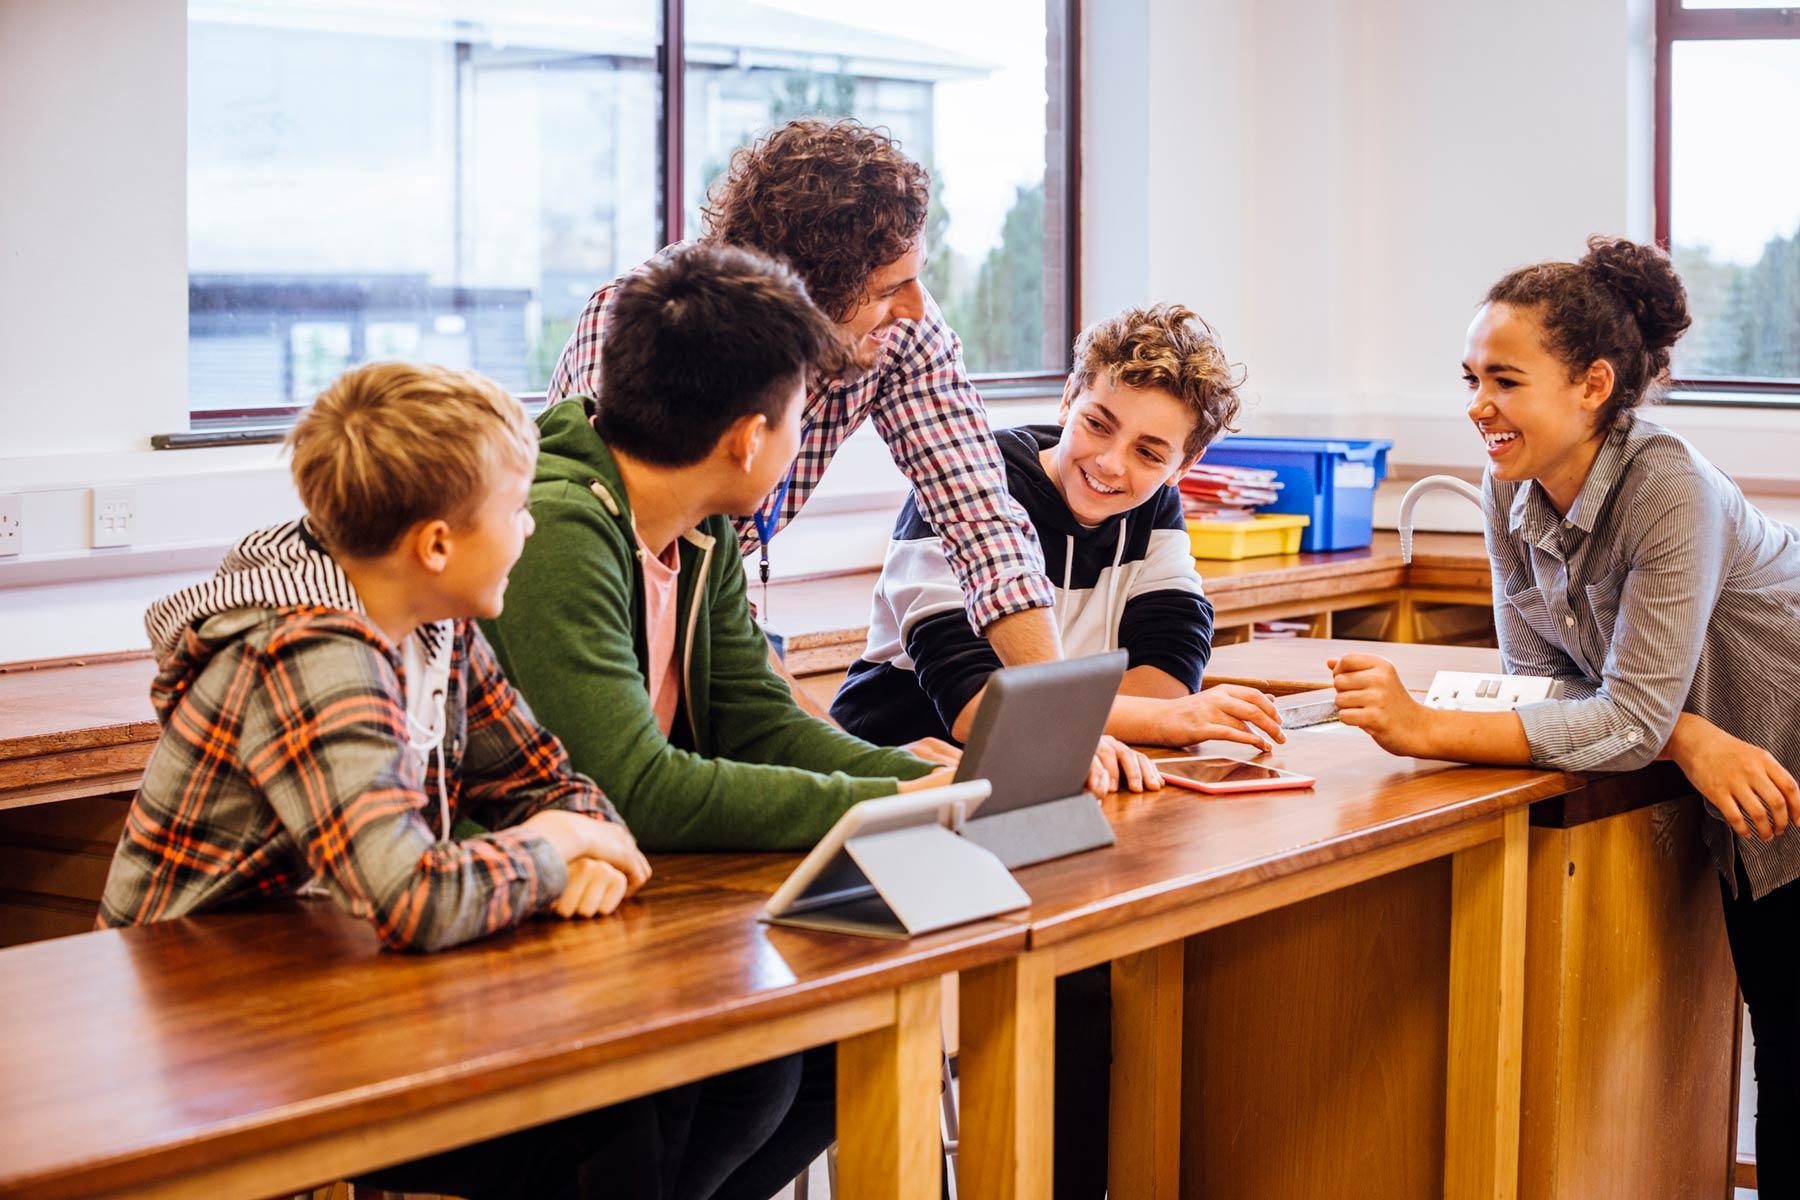 Personalizar la programación docente puede parecer muy complejo, pero basta hacerlo un par de veces para acostumbrarnos. Así ofreces un aprendizaje más sólido y diversificado: todo integrante de la clase se sentirá incluido.